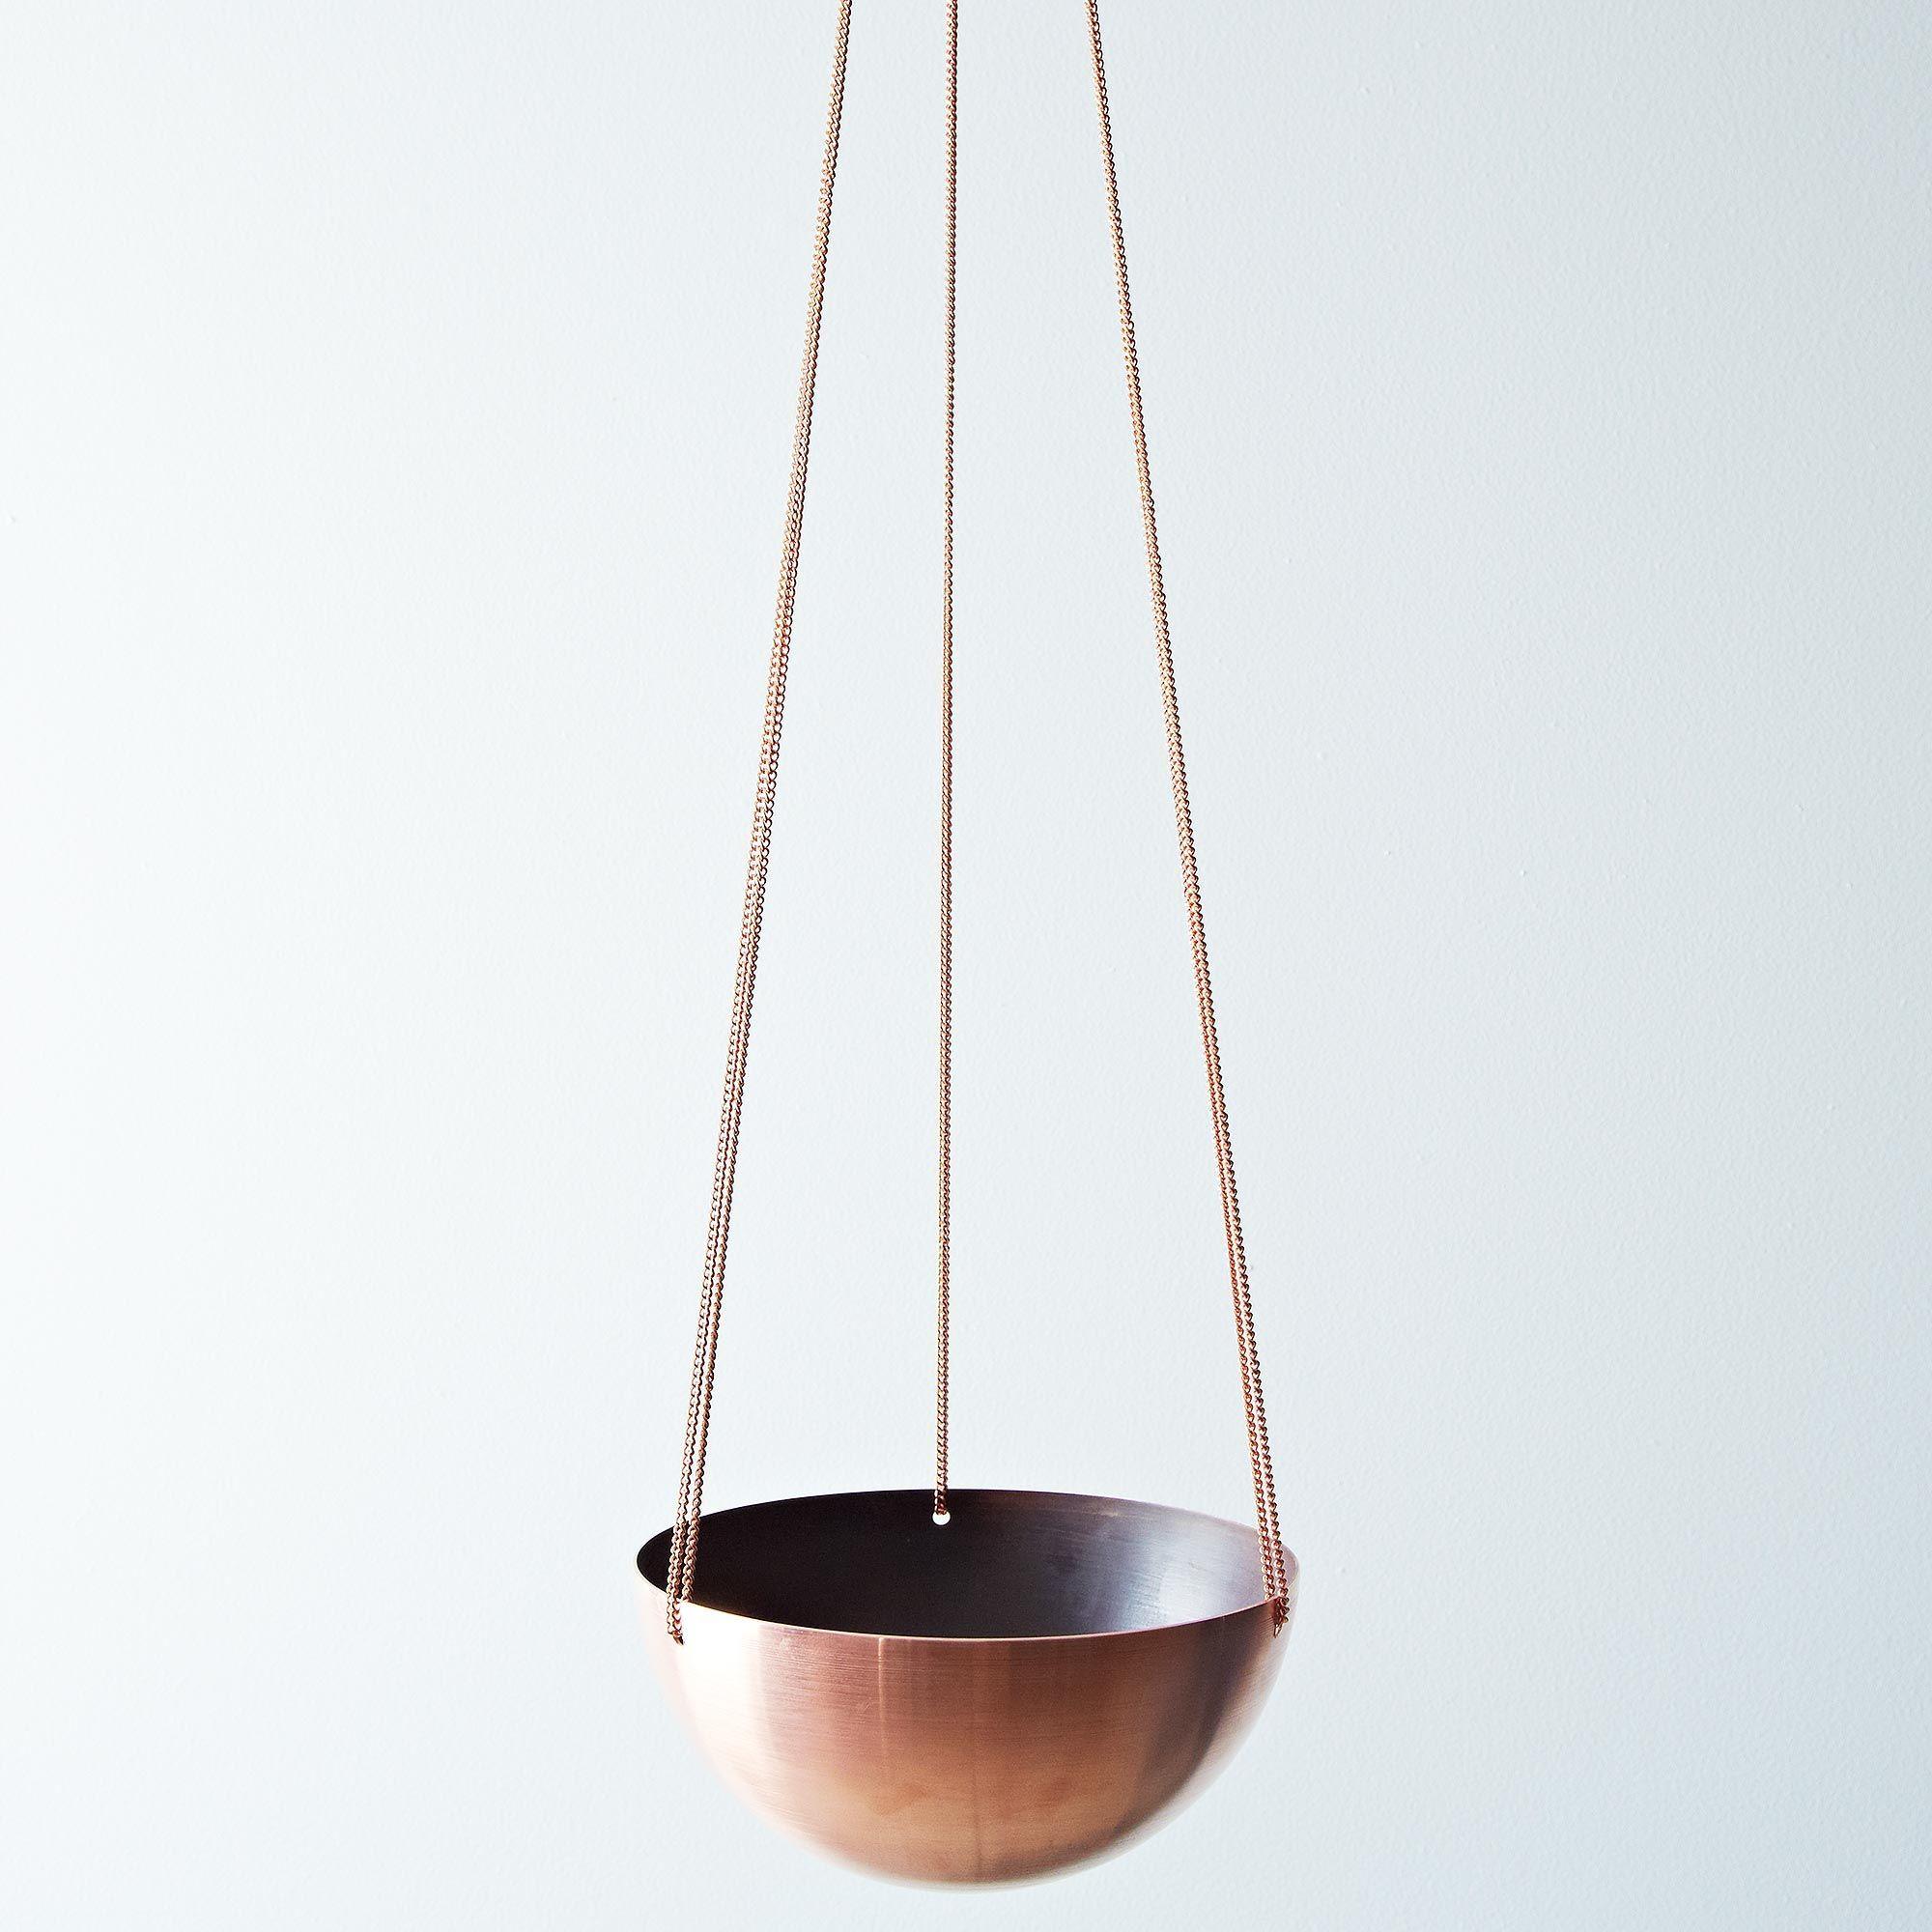 2f798a7c 0f6a 4ba3 92d1 56a3c7fd5384  2014 0226 inksekdesign handspun copper hanging basket 024